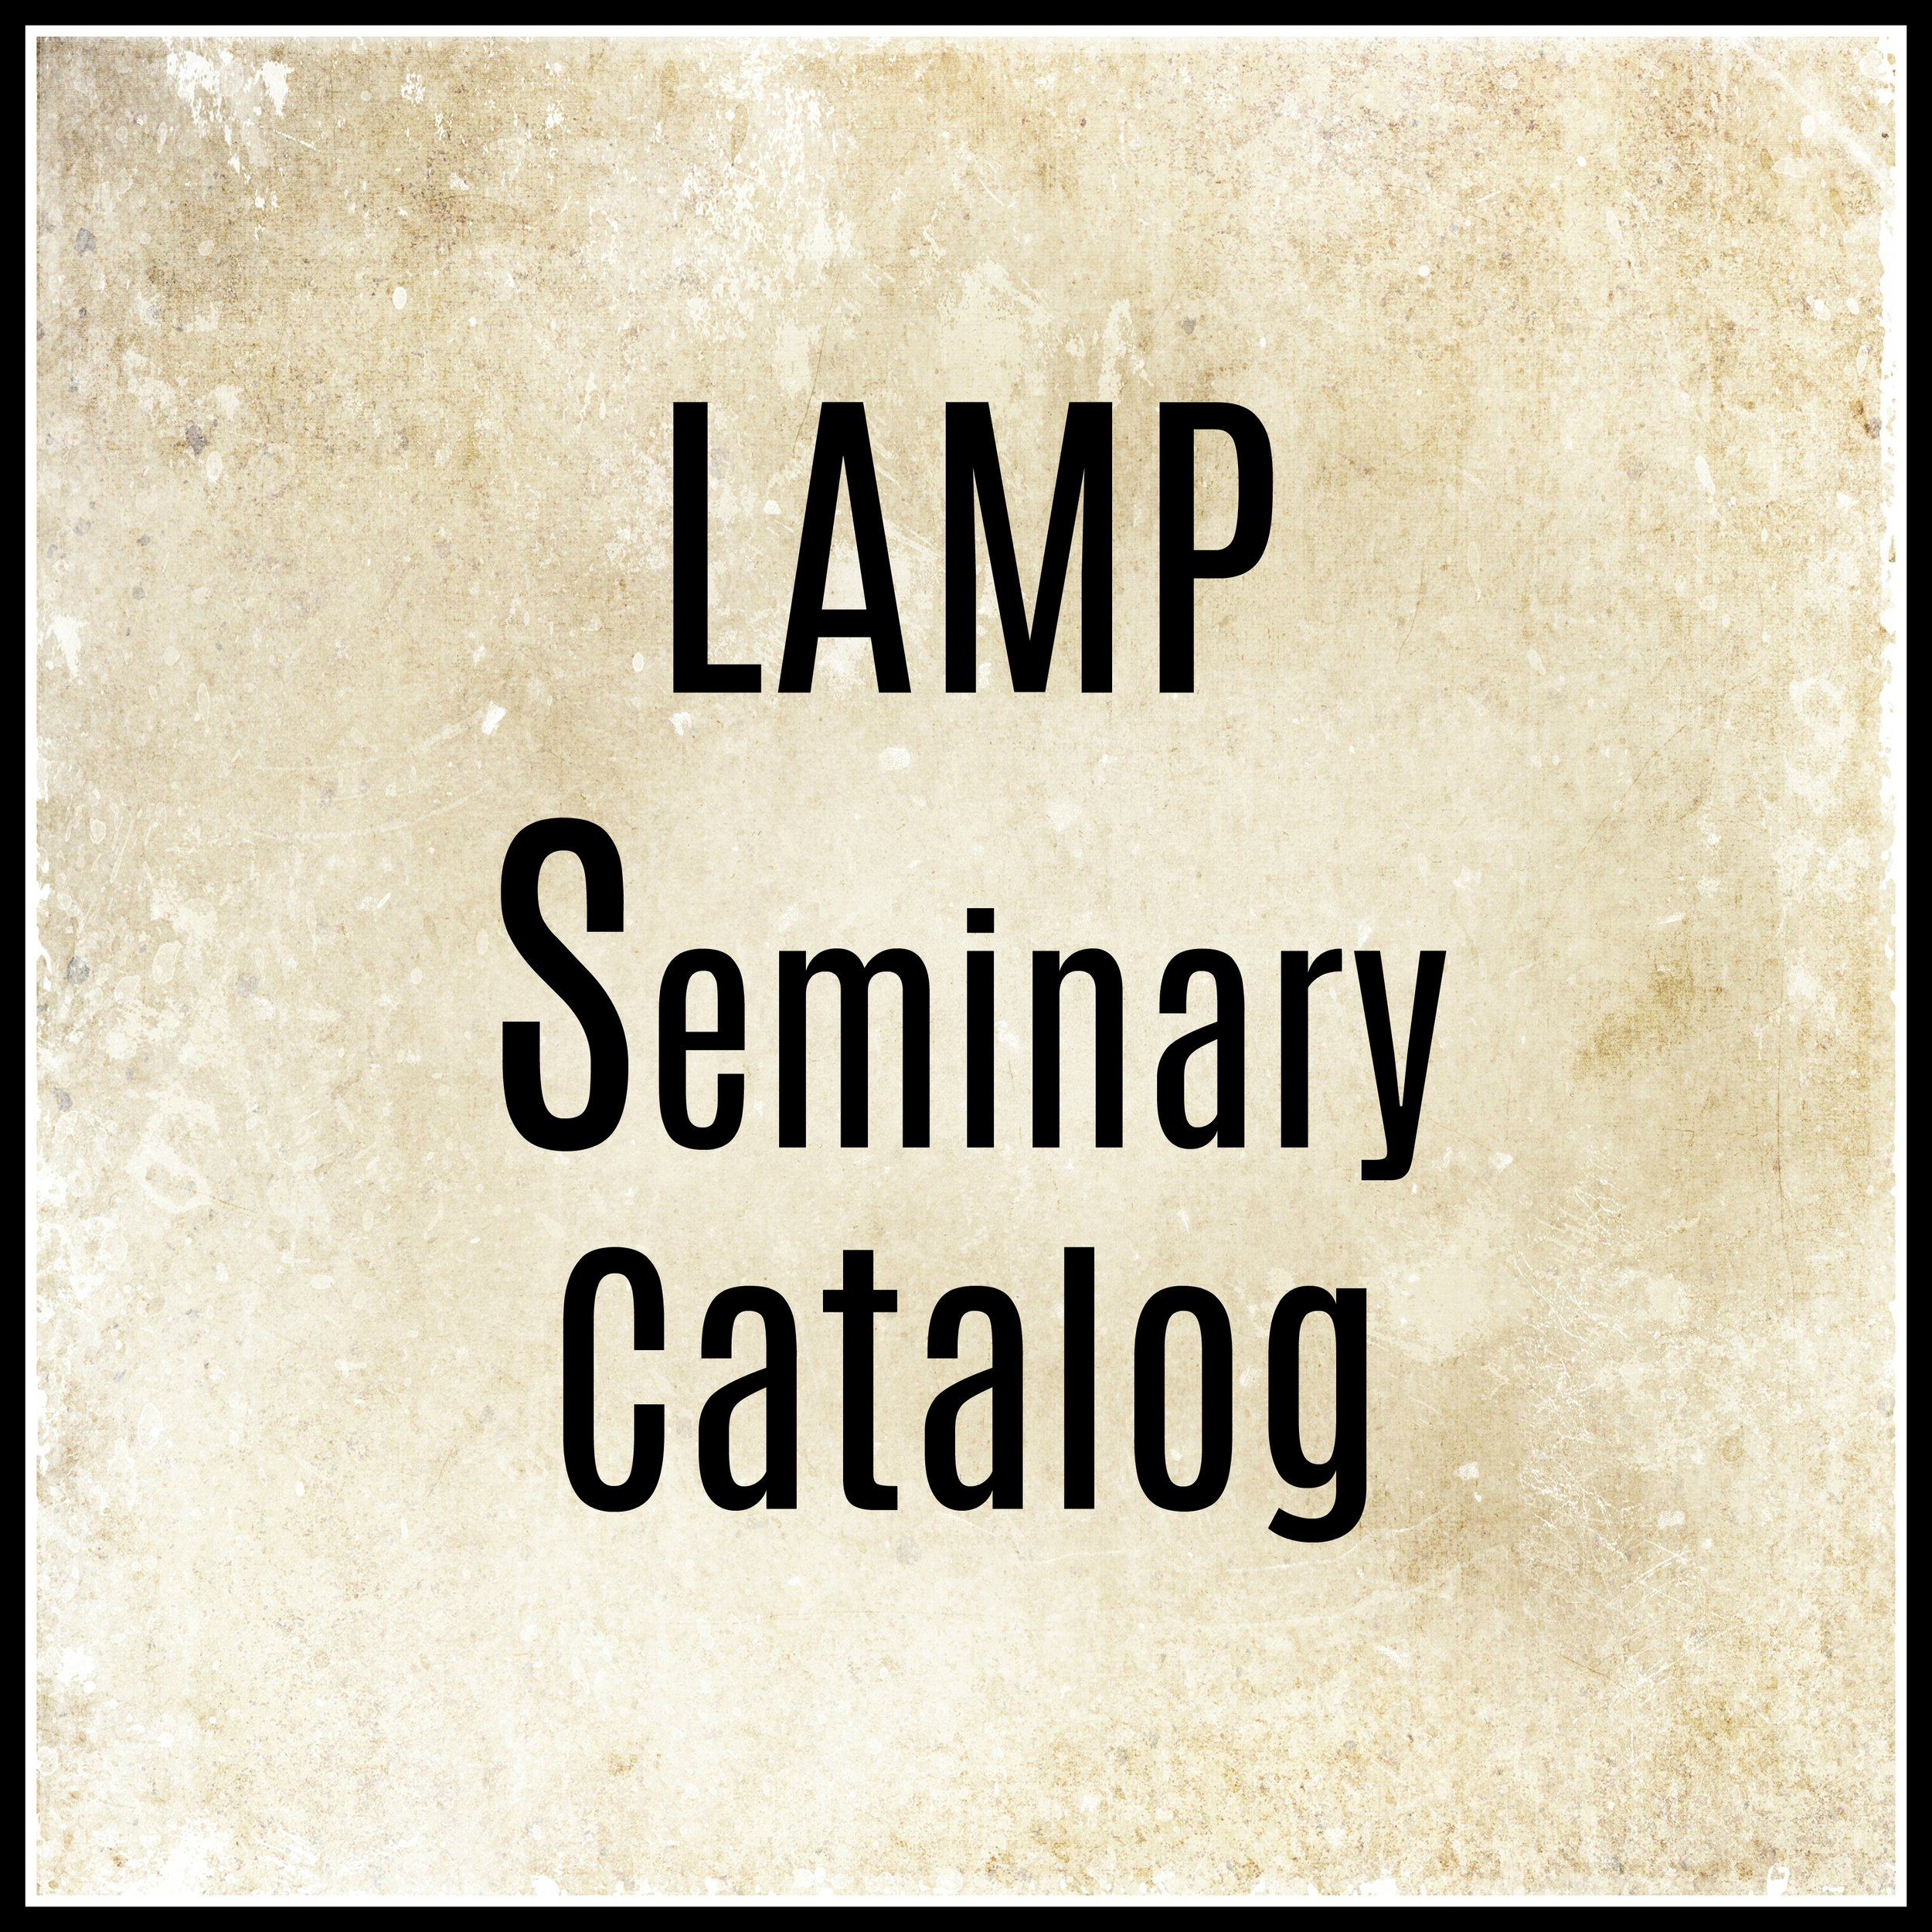 LAMP Seminary Catalog.jpg